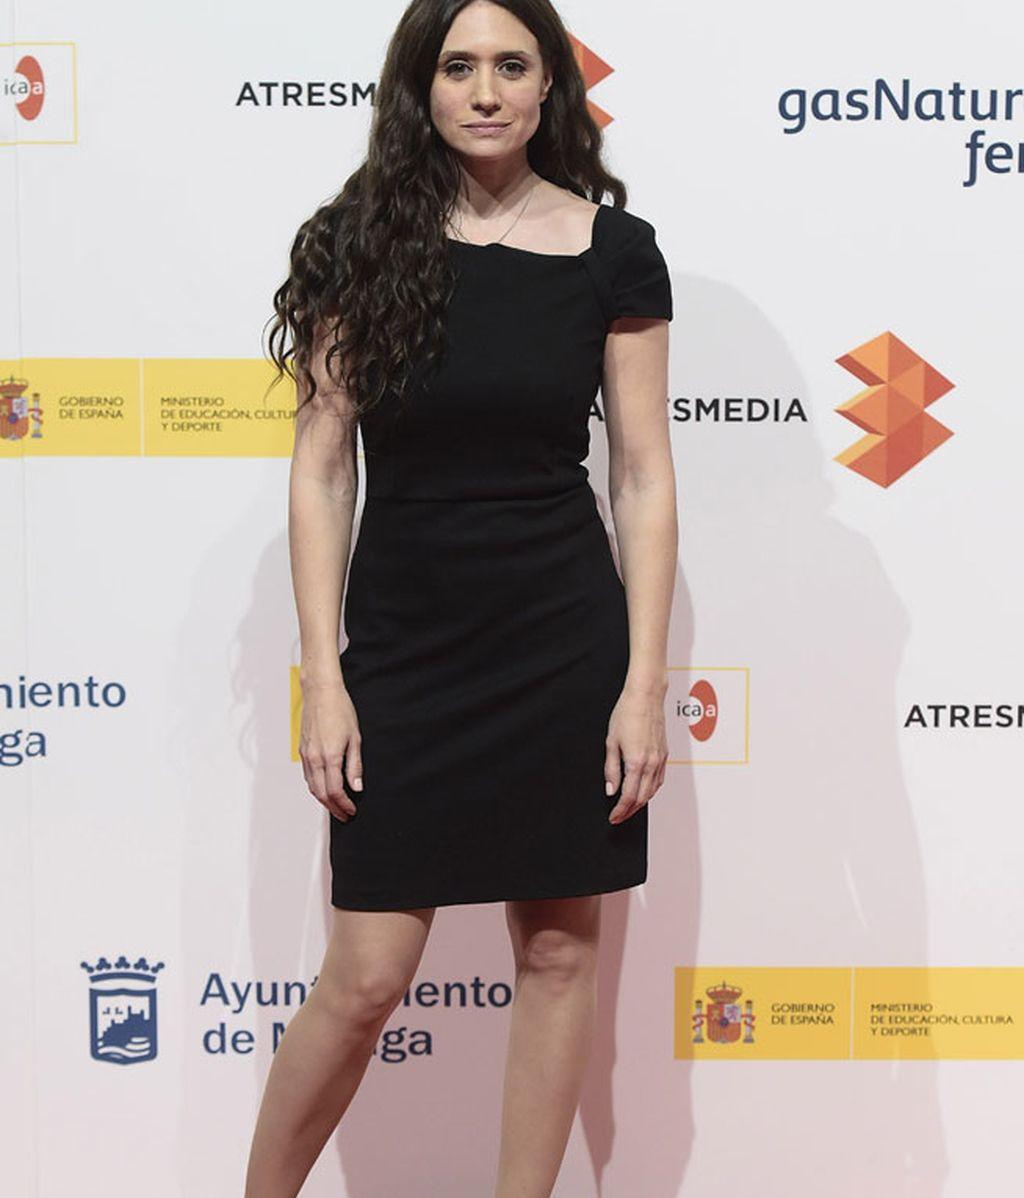 La actriz de 'Hablar', María Botto, con look 'total black'